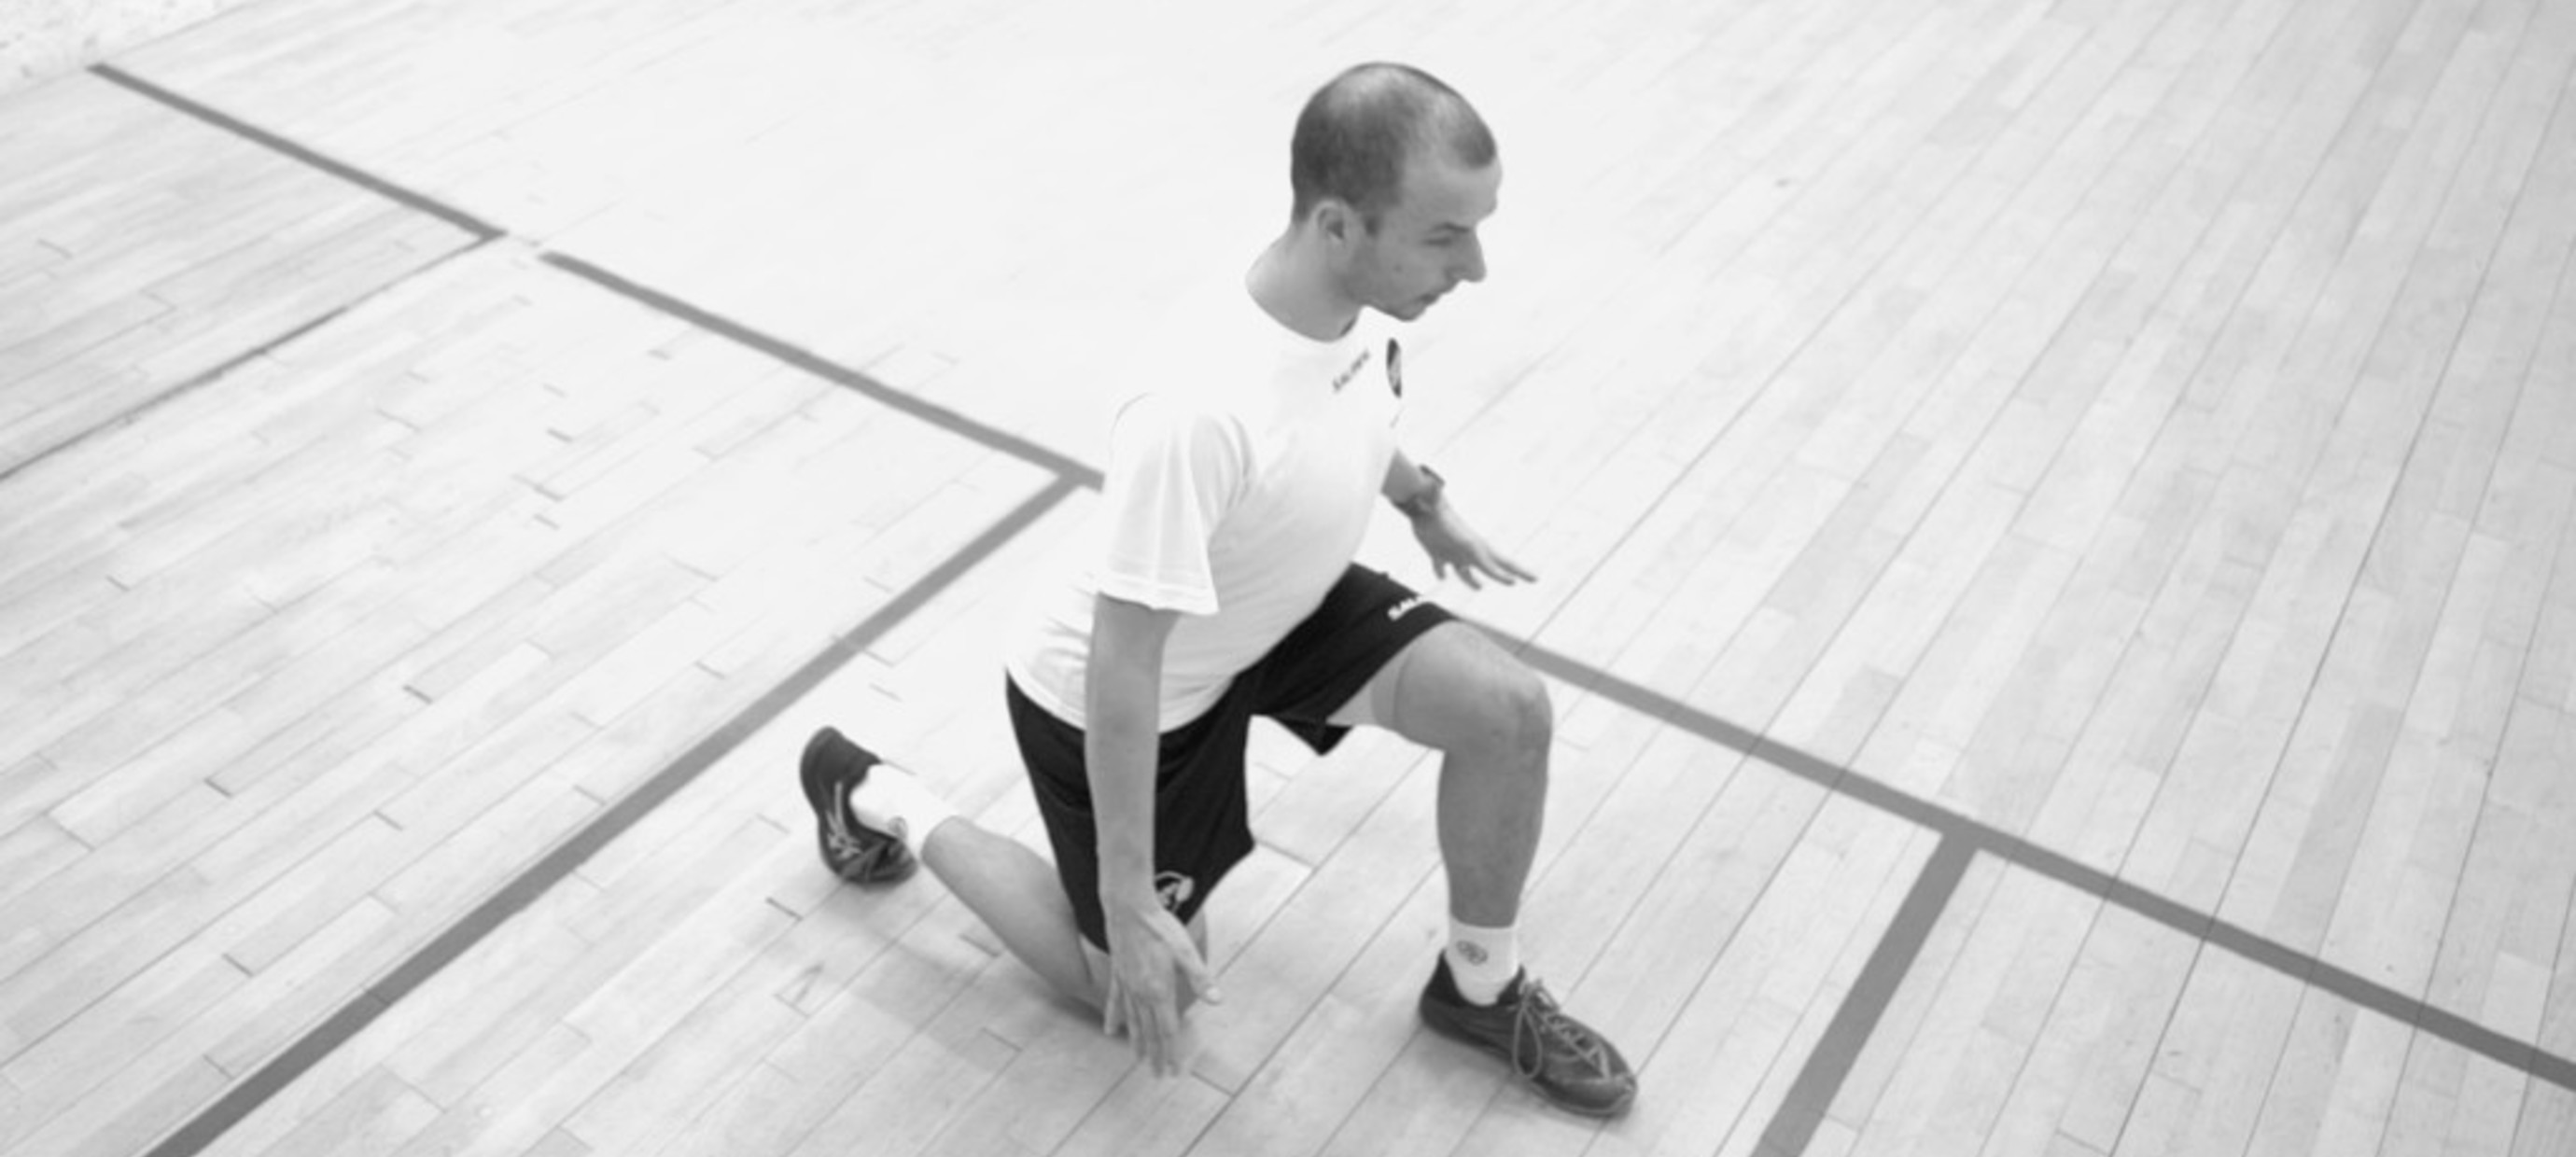 Steigere deine Dynamik und Geschwindigkeit mit diesen 3 Übungen